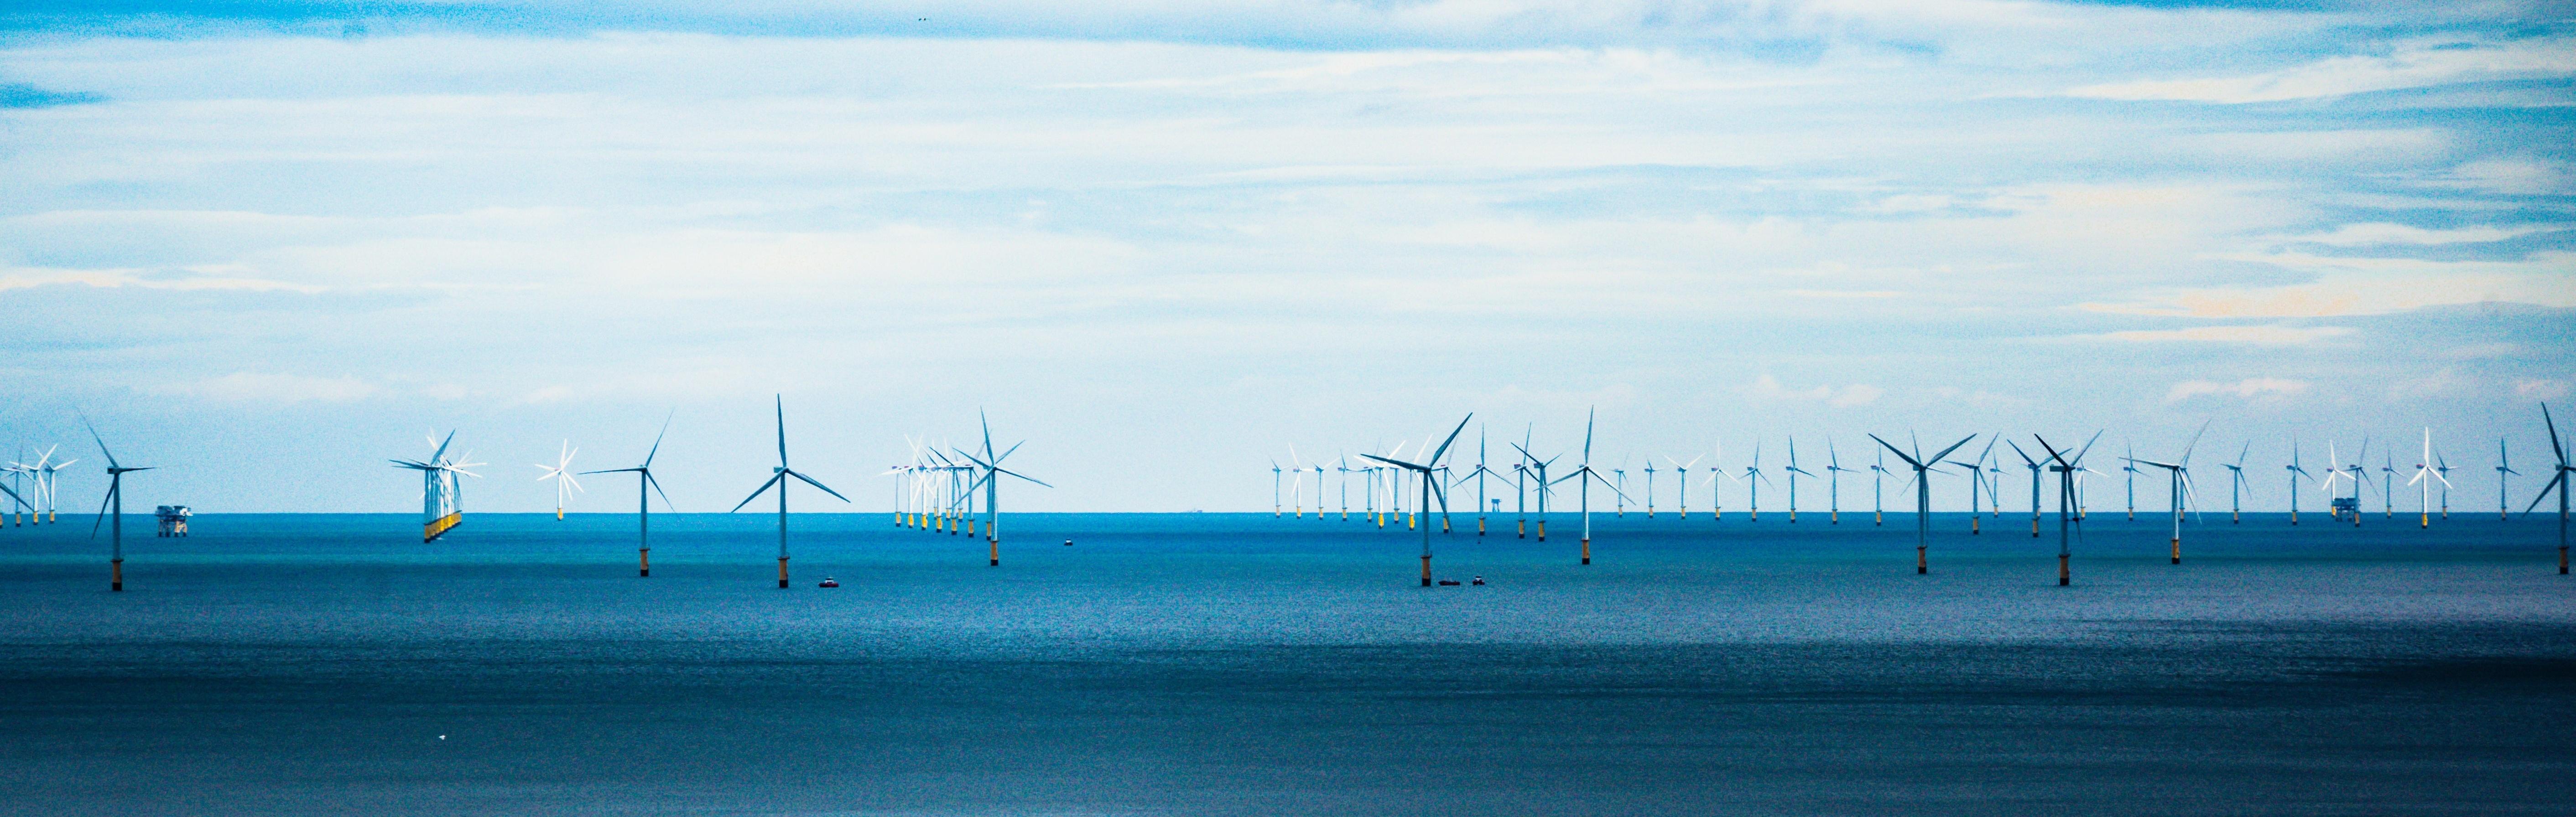 U.S. Offshore Wind Gaining Momentum by the Gigawatt